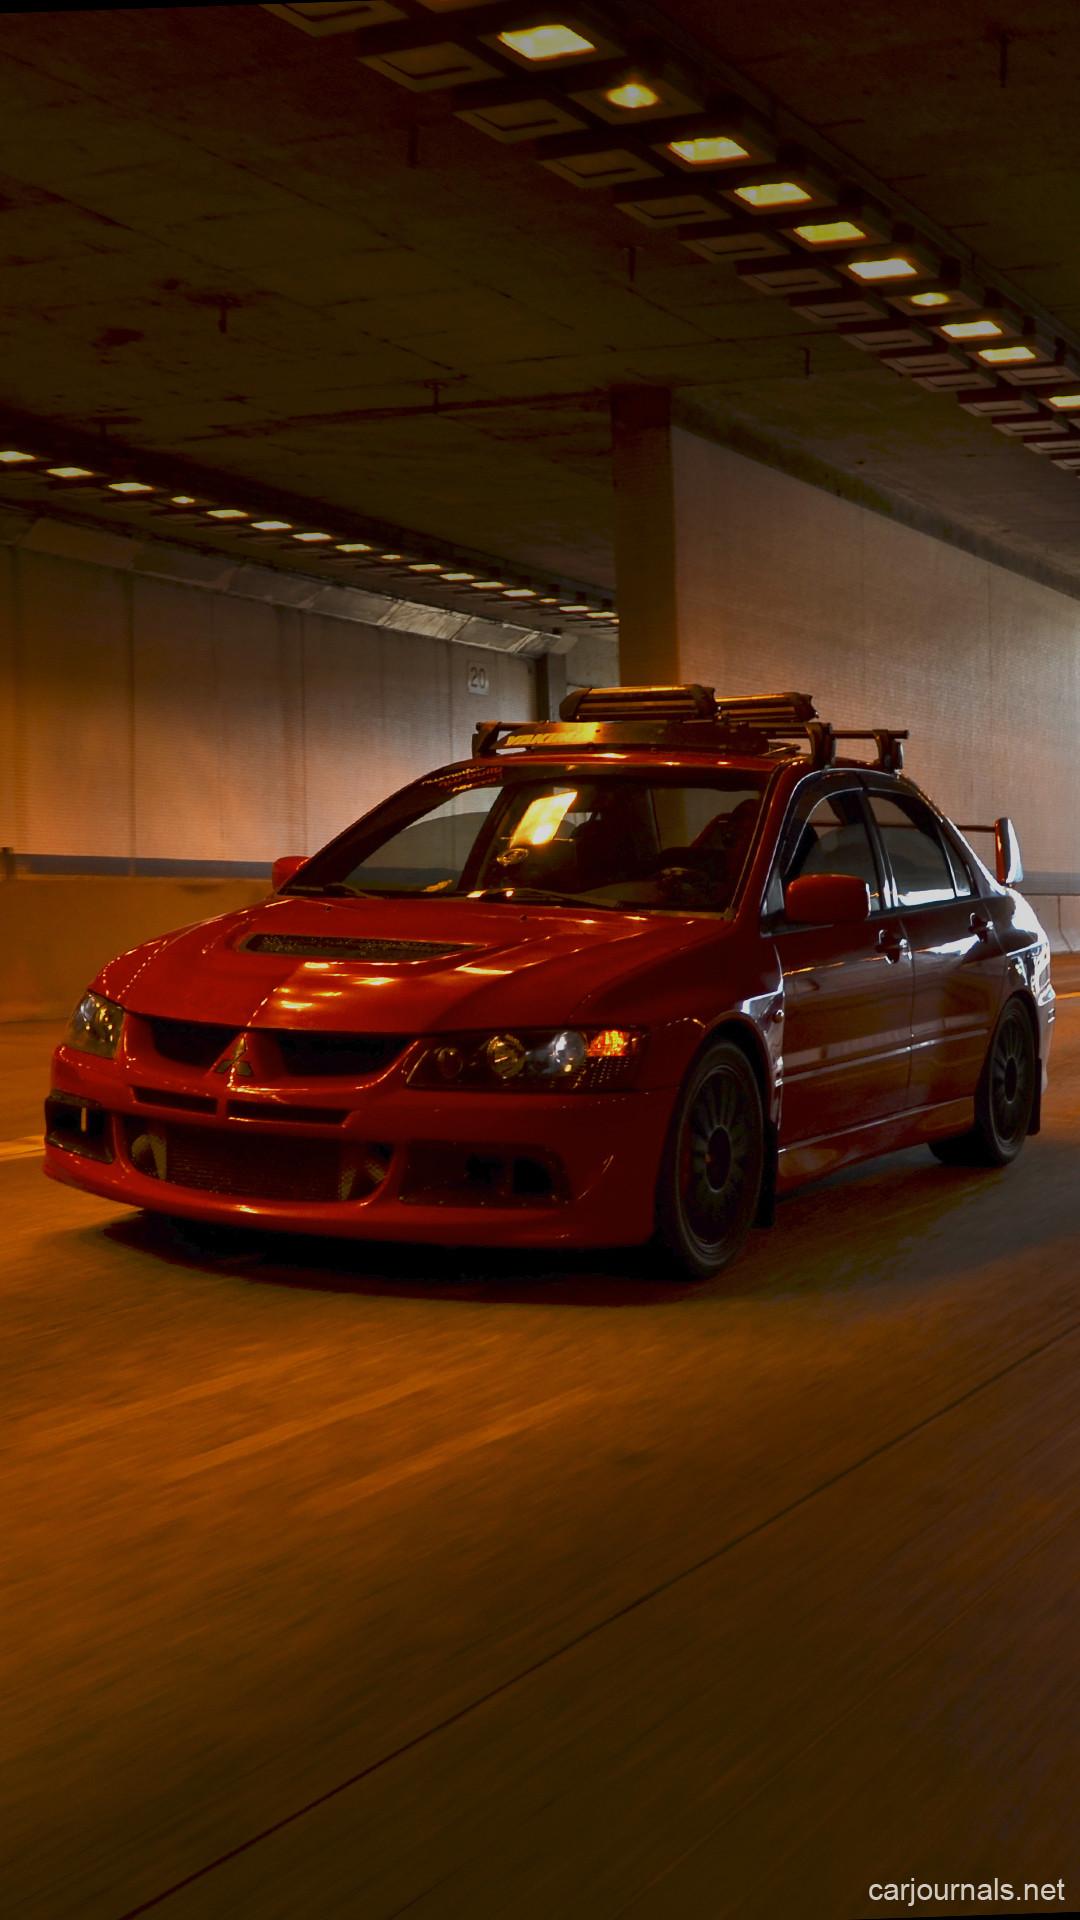 Res: 1080x1920, Mitsubishi Evo VIII iPhone Wallpaper - Car journals